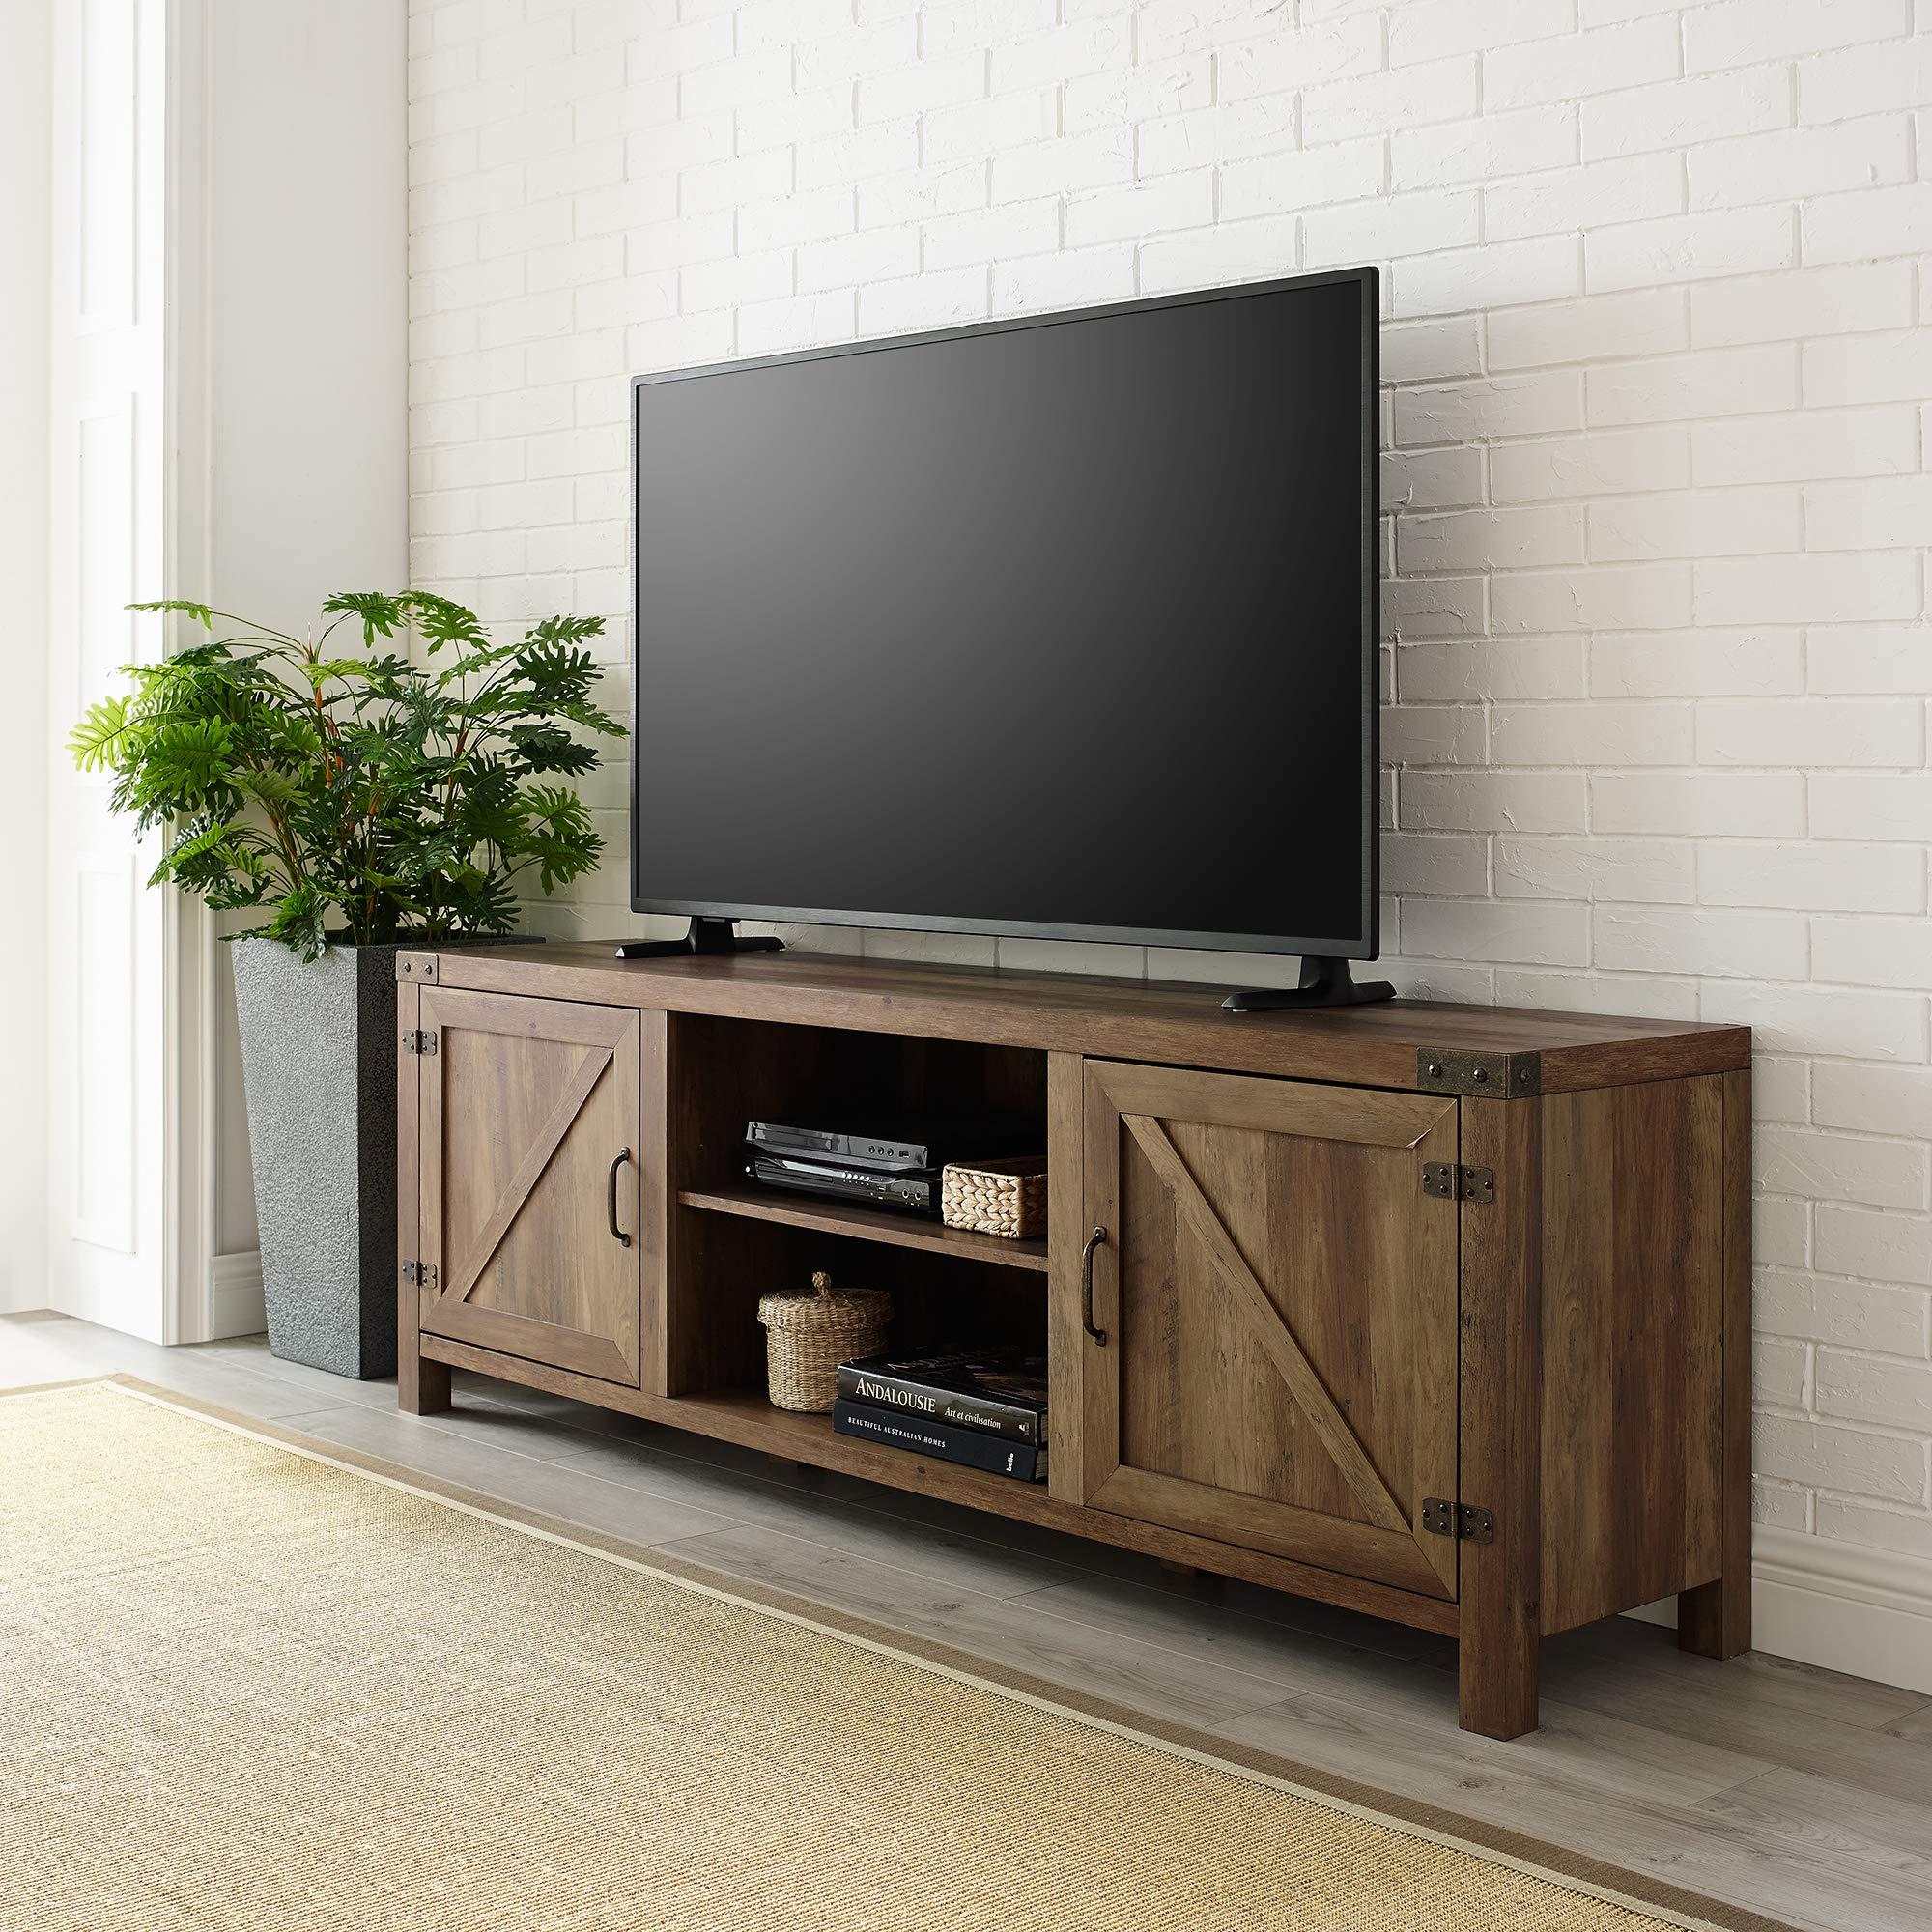 WE Furniture TV Stand, 70'', Rustic Oak by WE Furniture